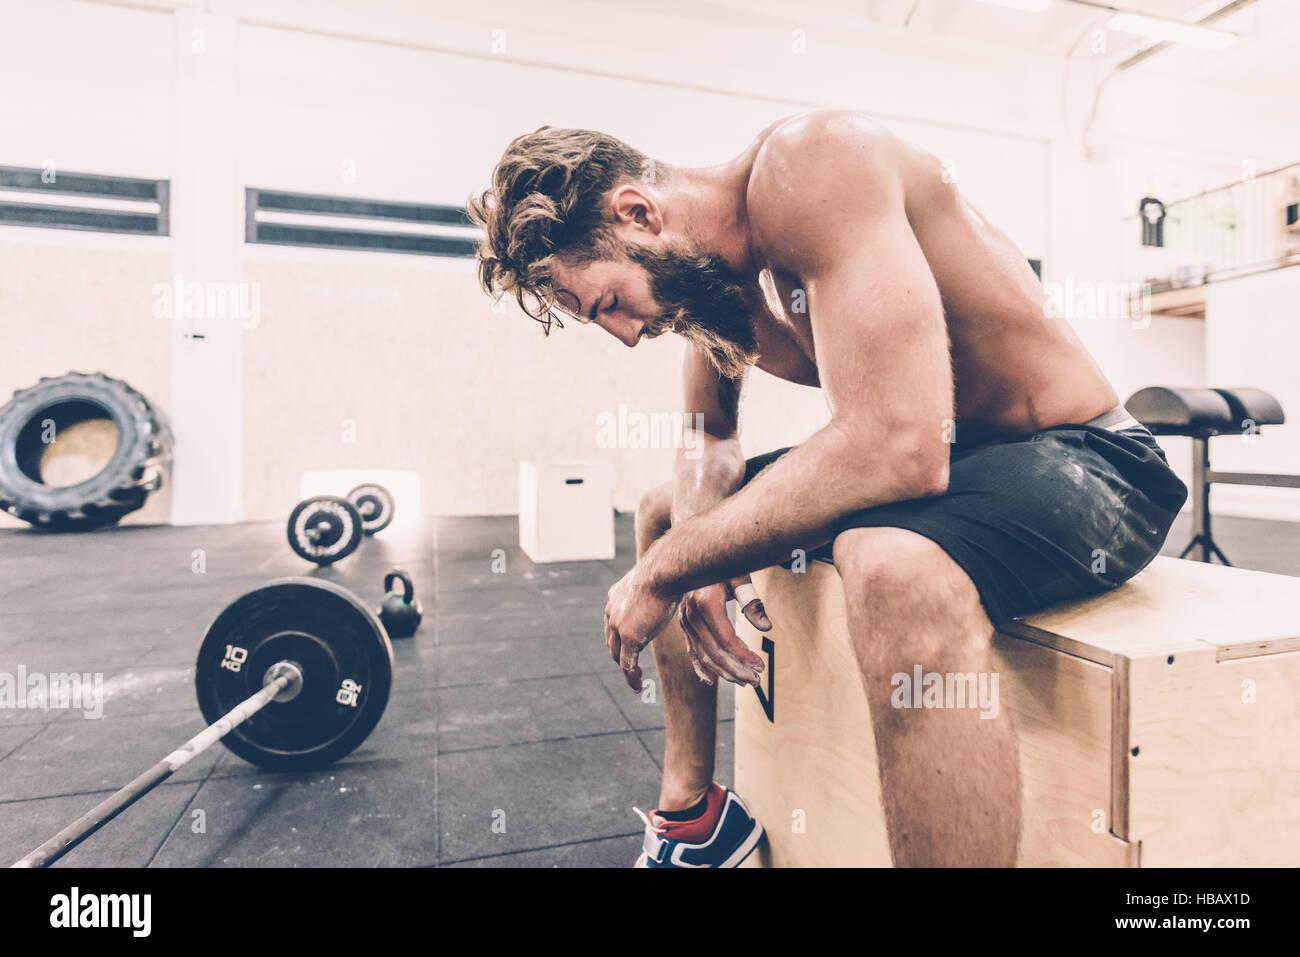 Erschöpfte männliche Cross-Trainer eine Pause von Gewichtheben im Fitness-Studio Stockfoto